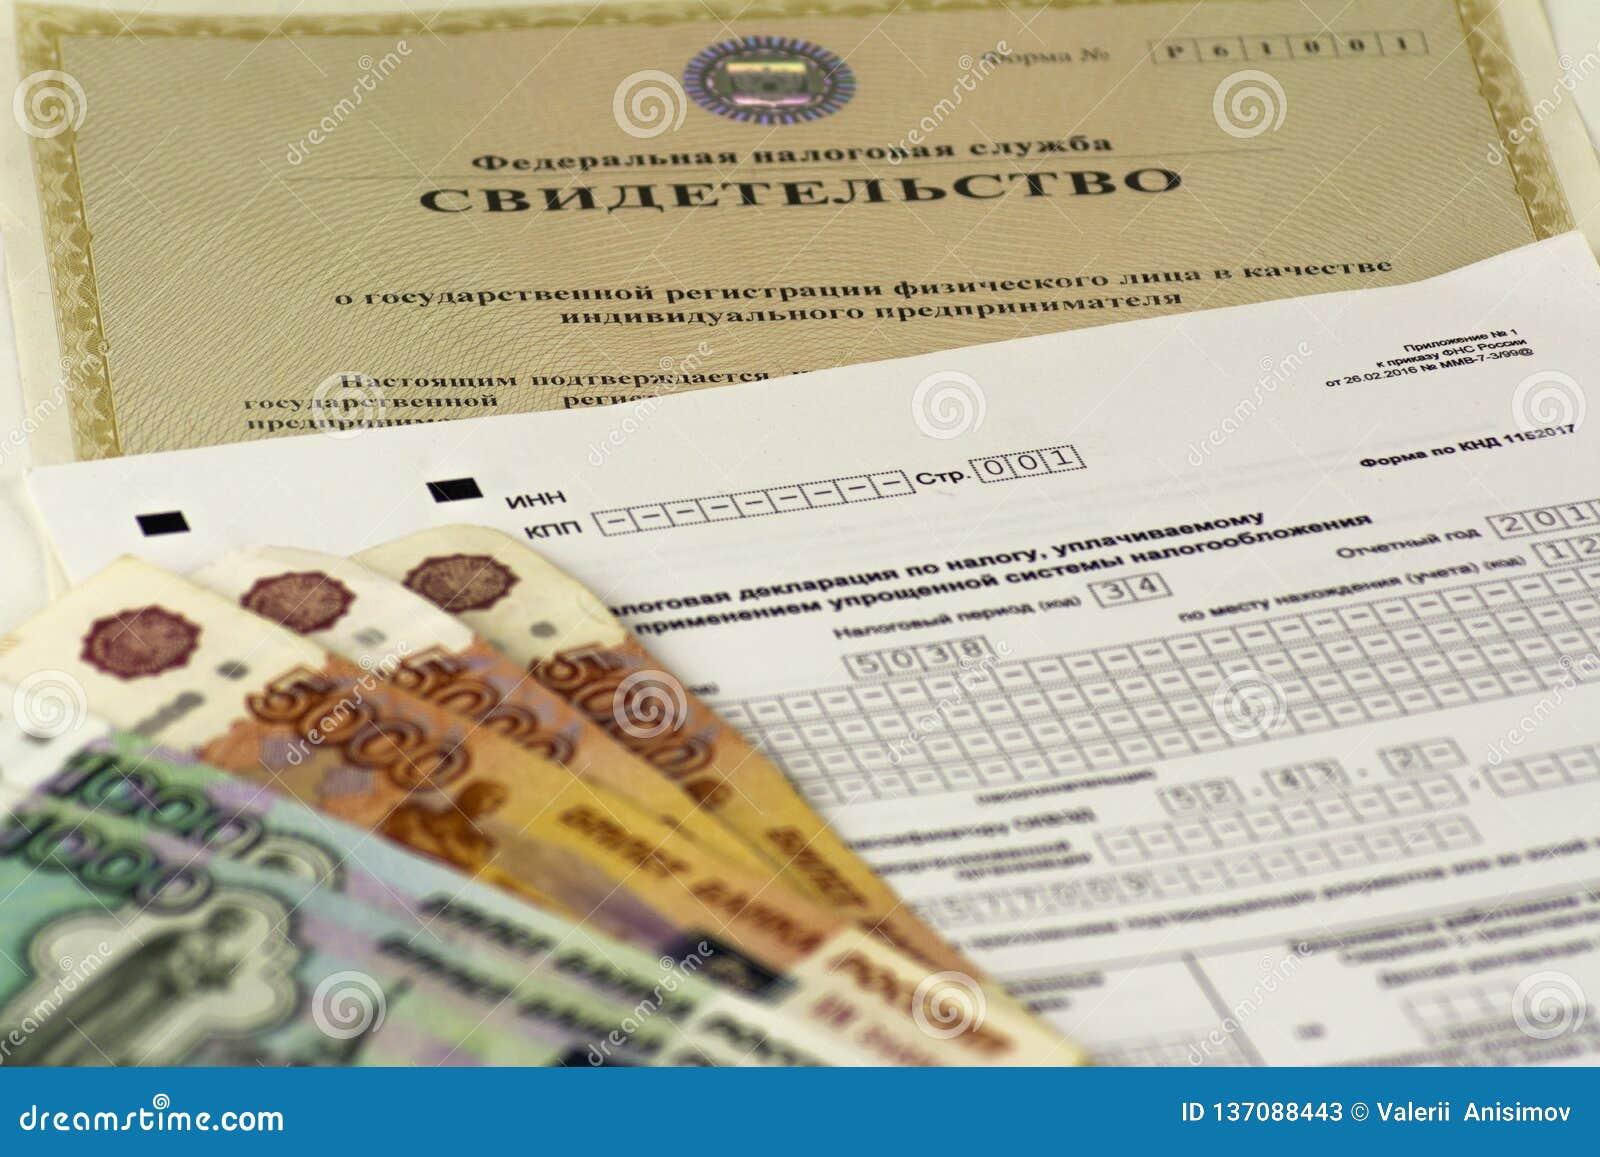 Ρωσικά έγγραφα Πιστοποιητικό της εγγραφής ενός μεμονωμένου επιχειρηματία, φορολογική επιστροφή Ρωσικά χρήματα μετρητών